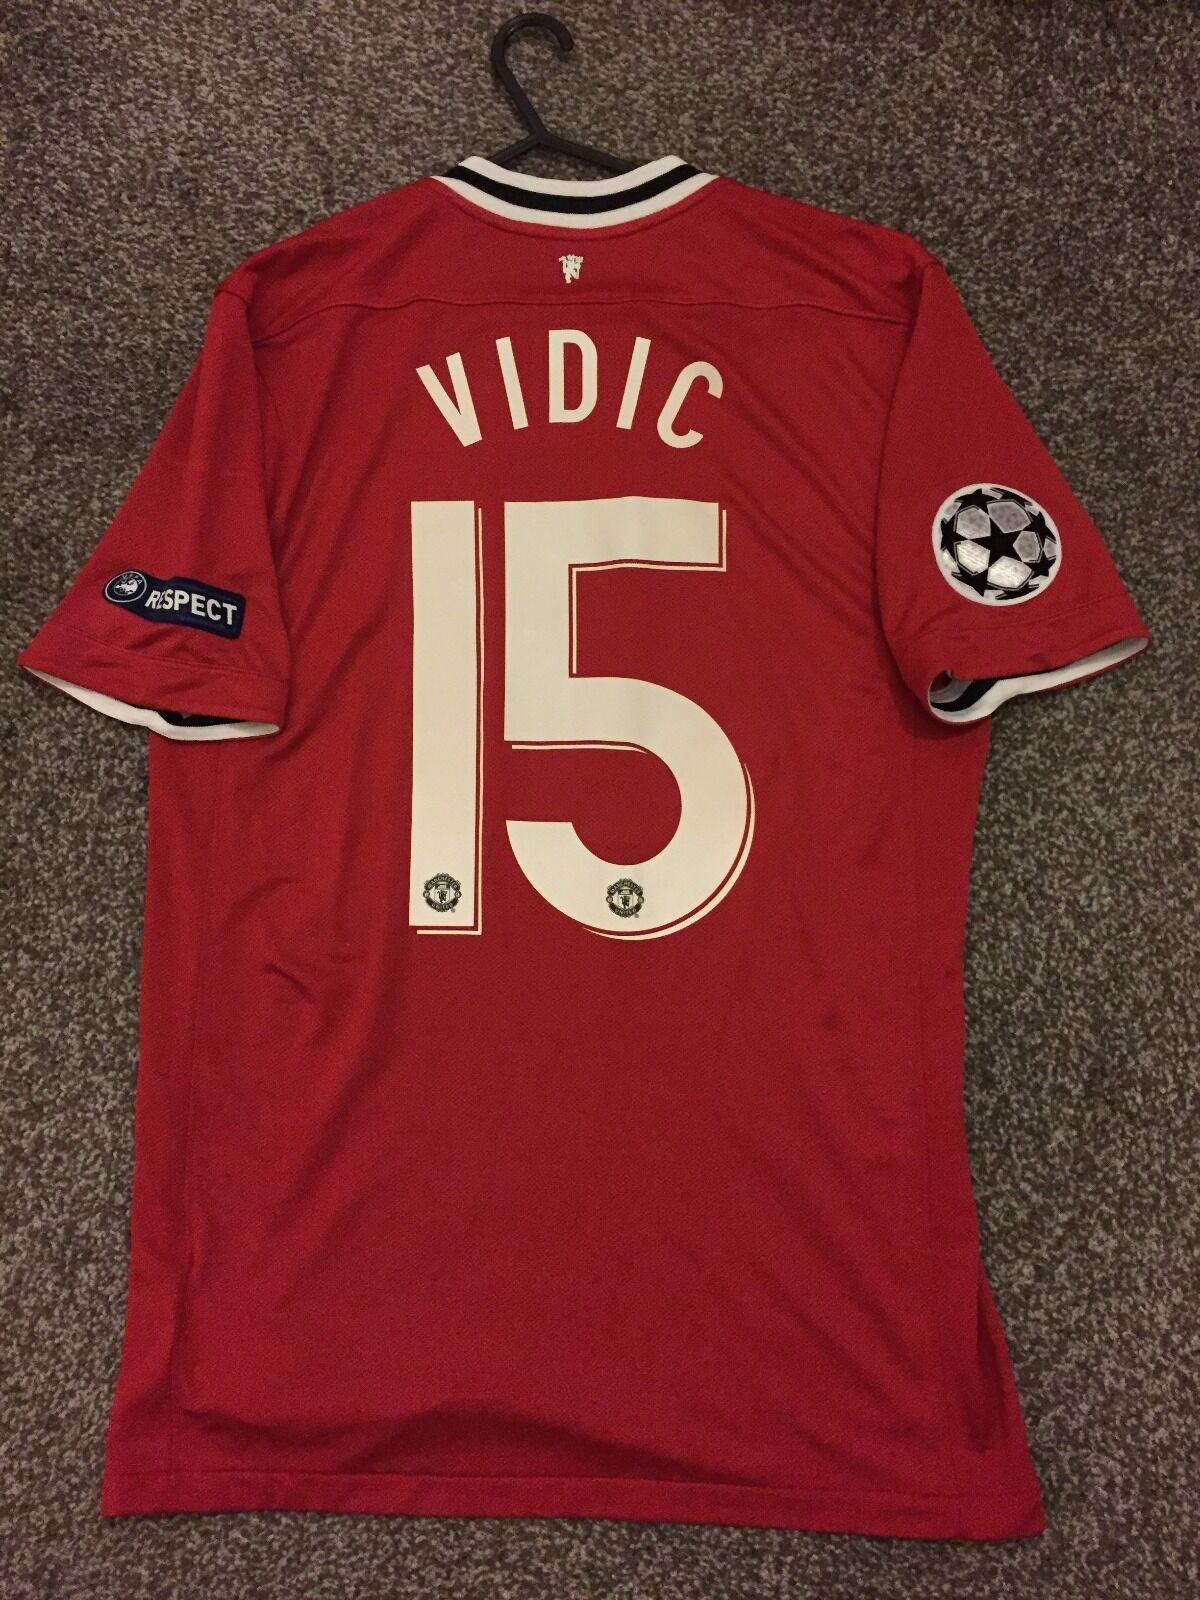 Manchester United 201112 CHAMPION LEAGUE maglietta adulti M 15 VIDIC